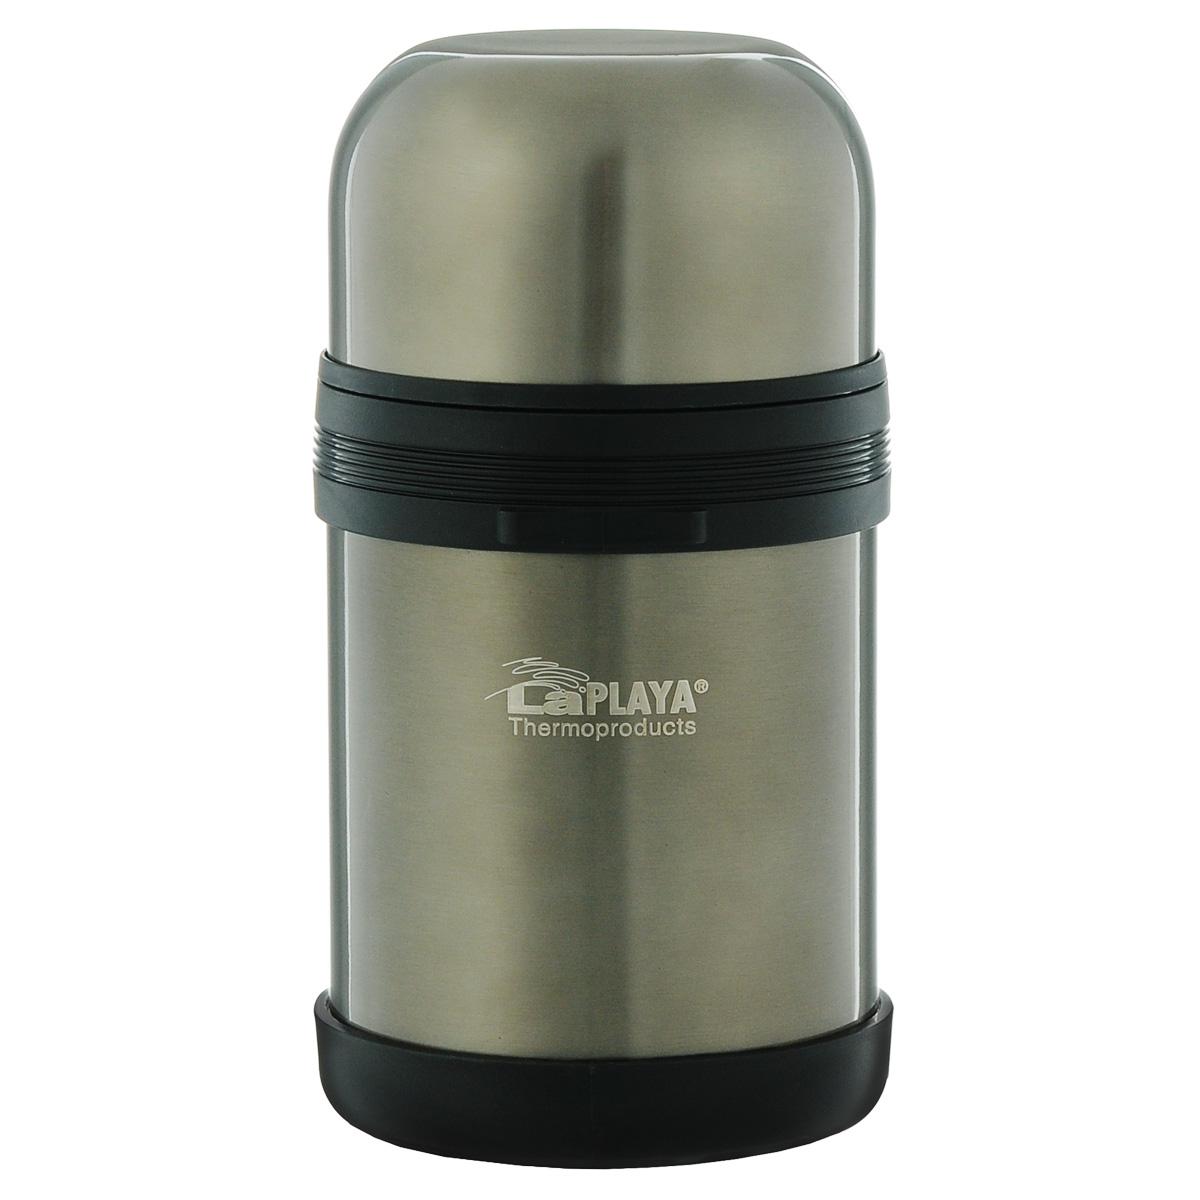 Термос LaPlaya Traditional, цвет: бежевый, 800 мл560044Термос LaPlaya Traditional оснащен двойными стенками с вакуумной изоляцией, которая позволяет сохранять напитки горячими и холодными длительное время. Легкий небьющийся корпус изготовлен из высококачественной нержавеющей стали. Широкая герметичная комбинированная пробка позволяет использовать термос для первых и вторых блюд при полном открывании и для напитков - при вывинчивании внутренней части. Изделие оснащено дополнительной пластиковой чашкой. Откидная ручка и съемный ремень позволяют удобно переносить термос. Термос LaPlaya Traditional идеален для вторых блюд, супов и напитков. Диаметр горлышка: 7,5 см. Высота термоса: 20 см.